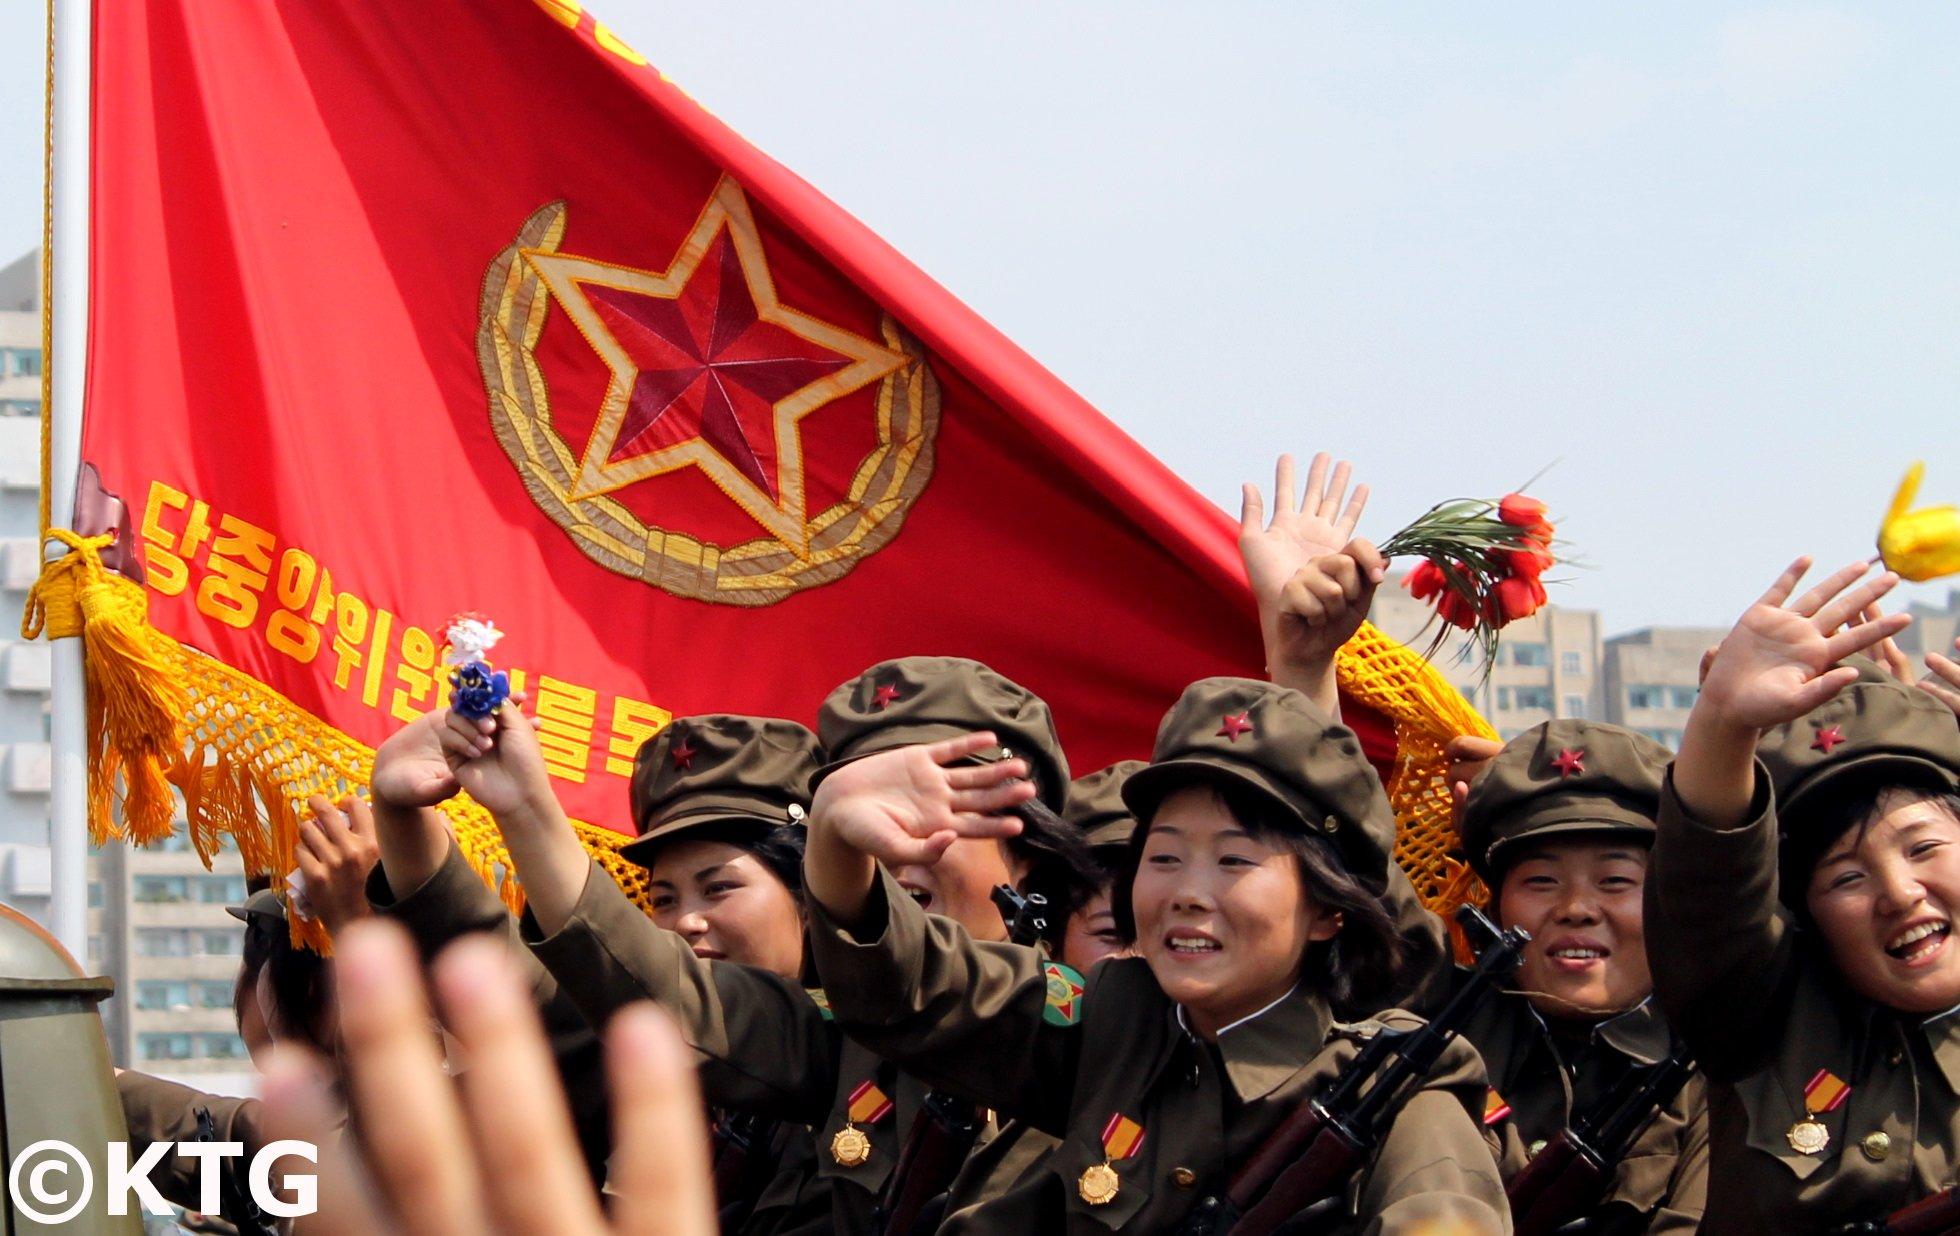 Bandera militar de Corea del Norte. Foto tomada en un desfile mililtar en Pyongyang por KTG